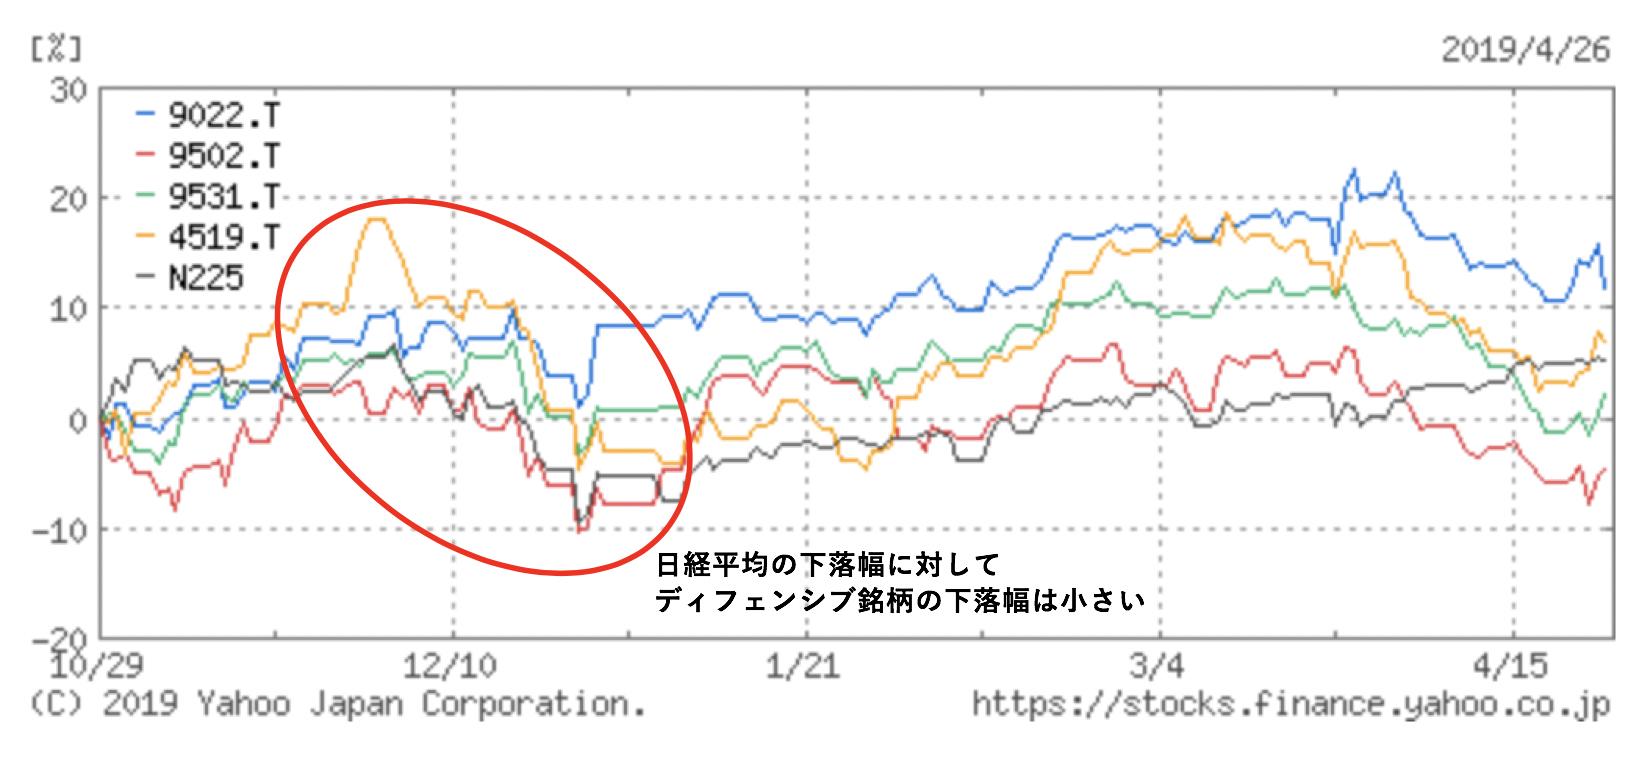 日経平均とディフェンシブ銘柄の2018年10月から半年間の値動きの比較